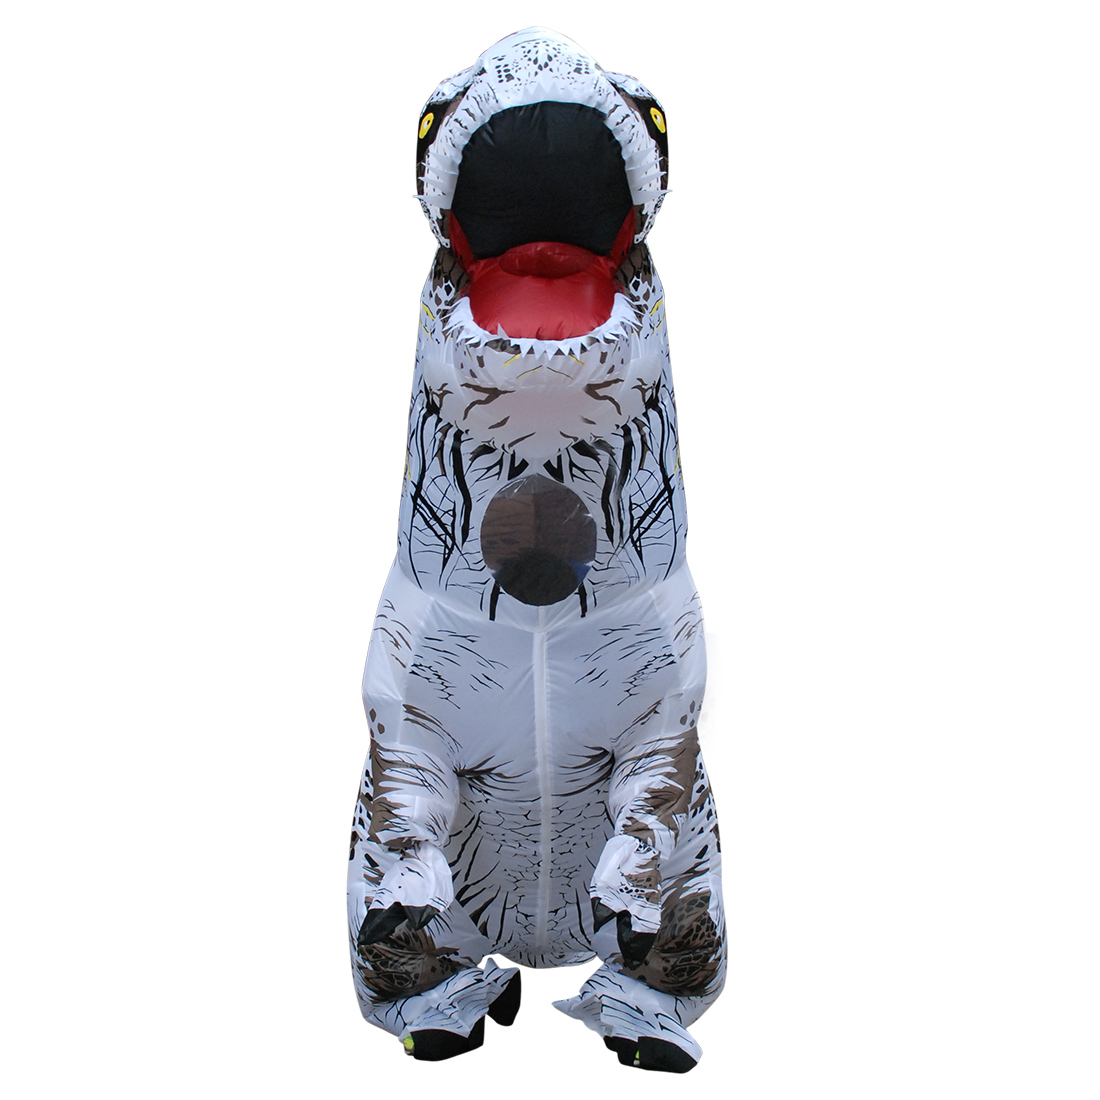 Erwachsene Weiß T-REX Aufblasbar Dinosaurier Kostüm Verrücktes Kleid Faschingskostüme Karneval